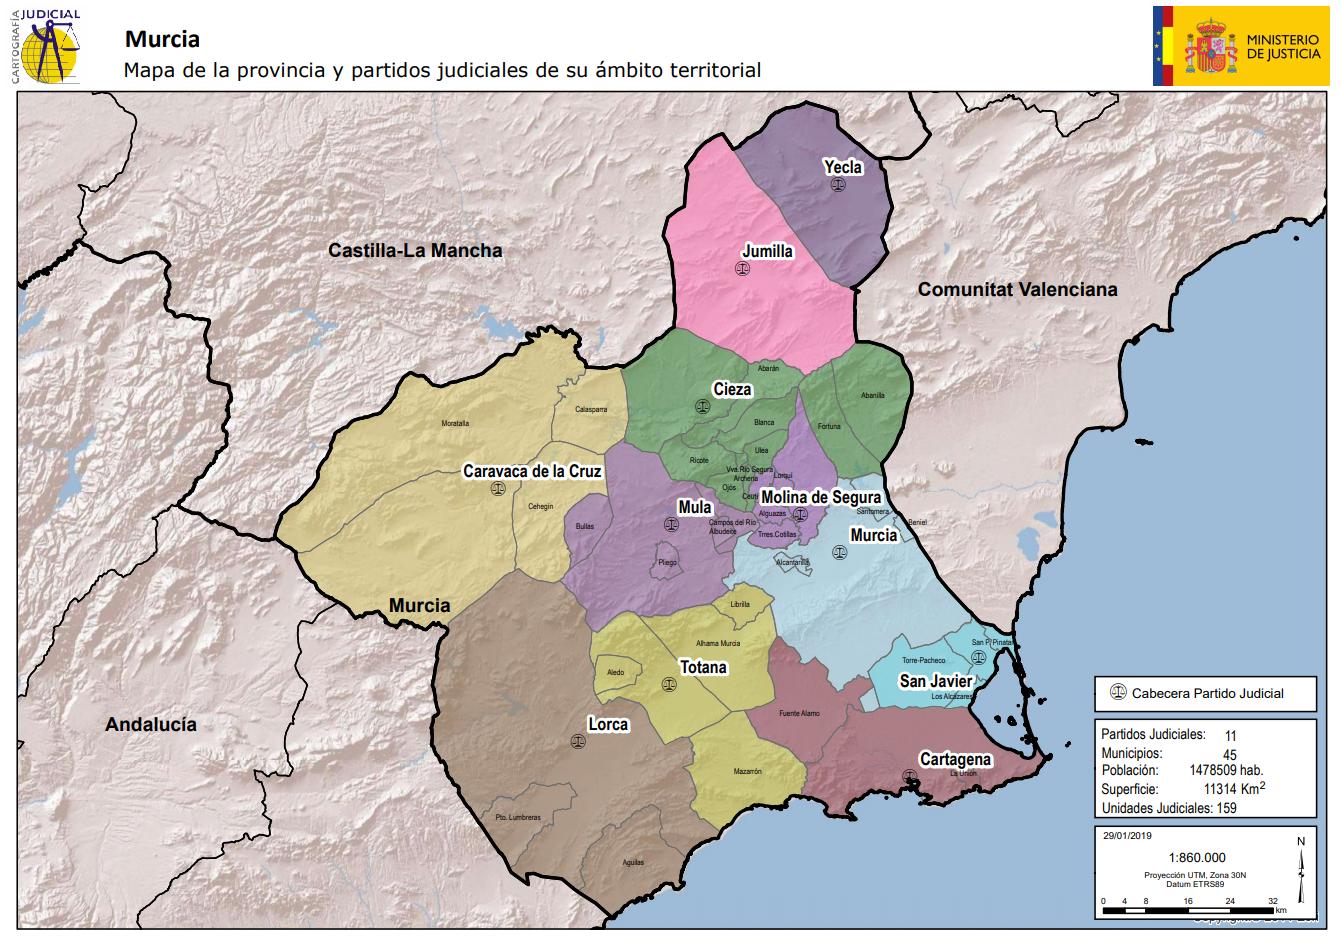 Mapa de la provincia y partidos judiciales de su ámbito territorial Murcia